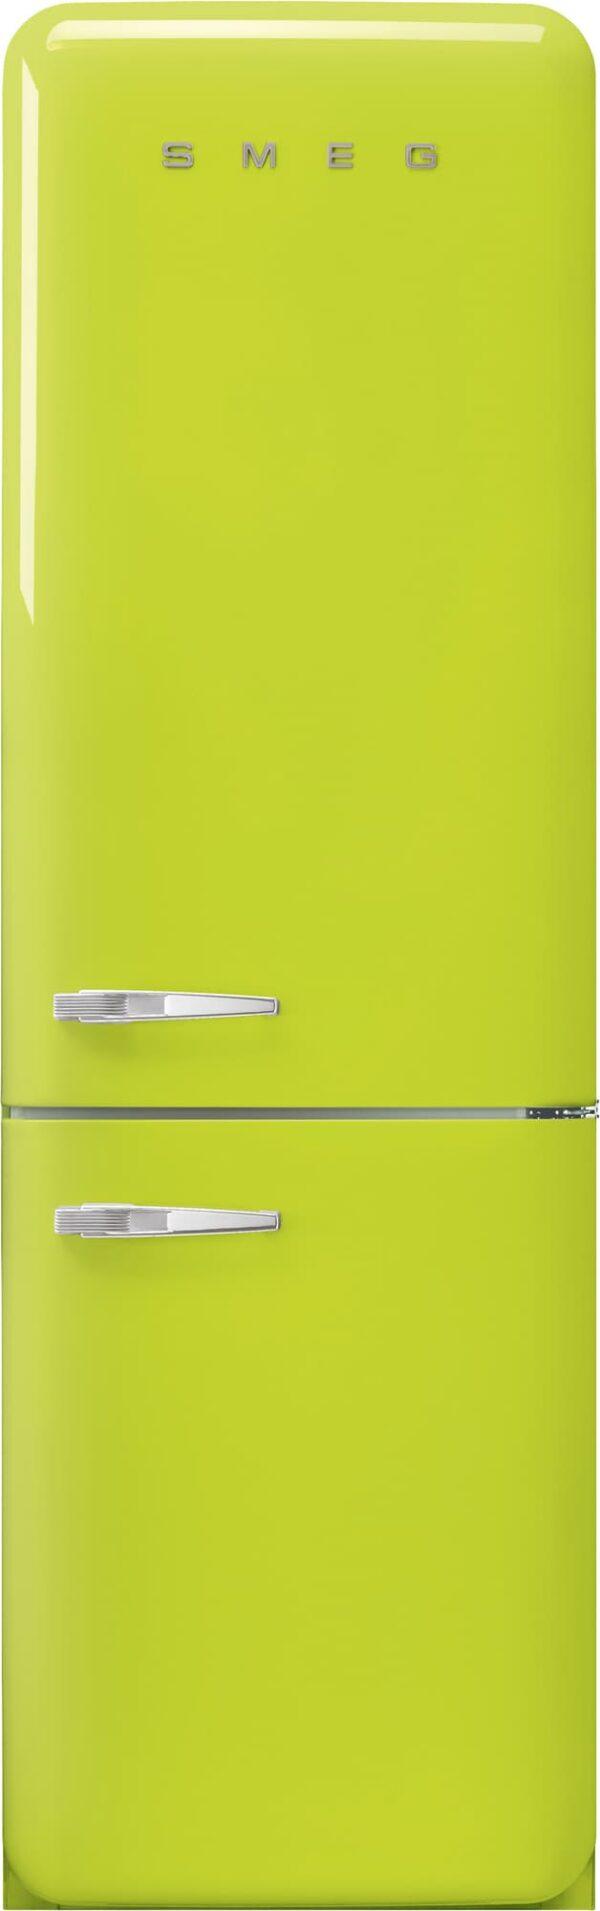 Smeg 50's Style kølefryseskab FAB32RLI5 (grøn)